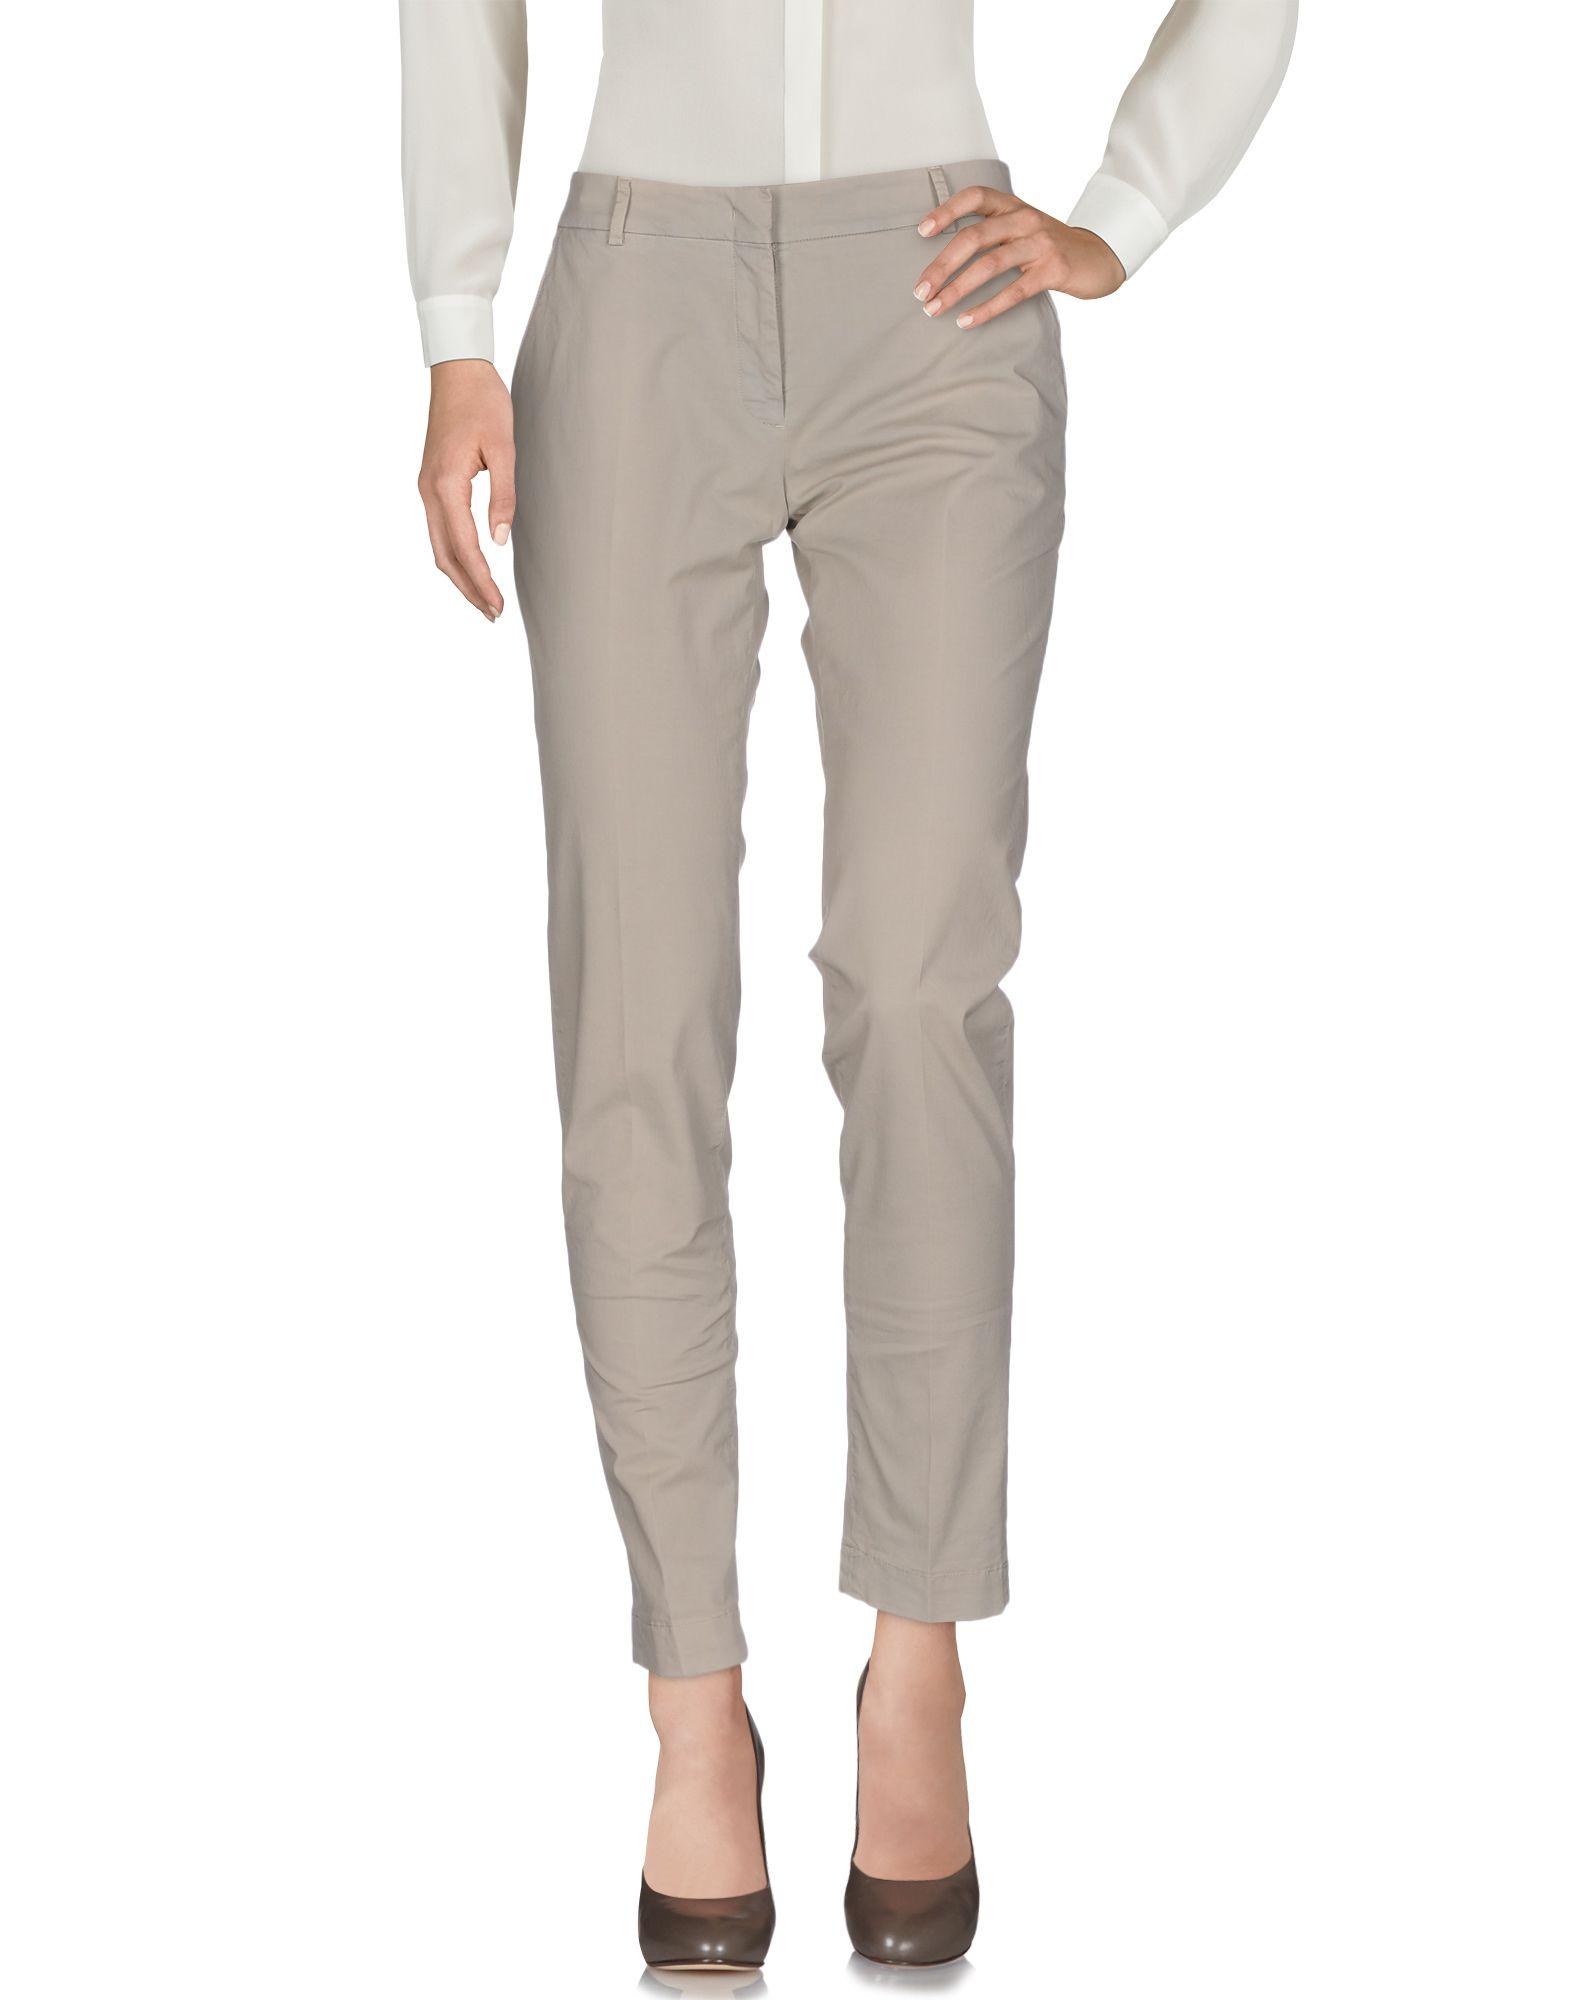 INCOTEX Damen Hose Farbe Beige Größe 6 - broschei